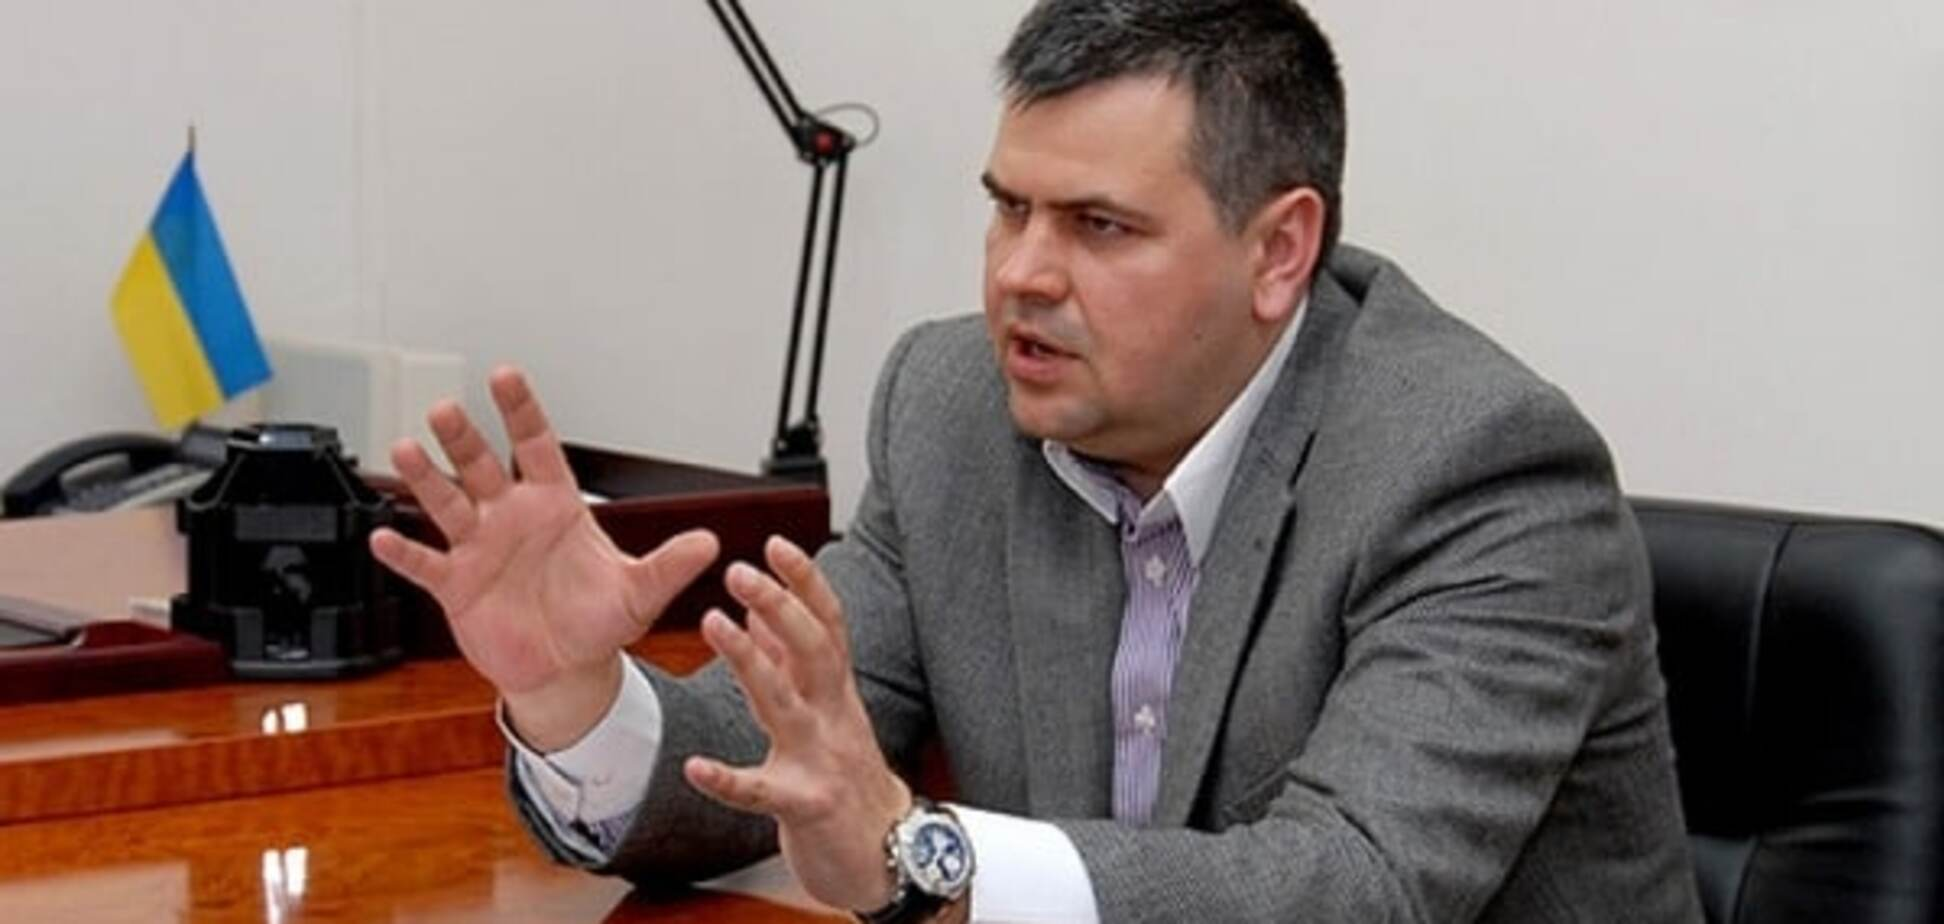 Деканоидзе уволила 'важняка' Авакова, крышевавшего коррупцию и рэкет - Саакашвили